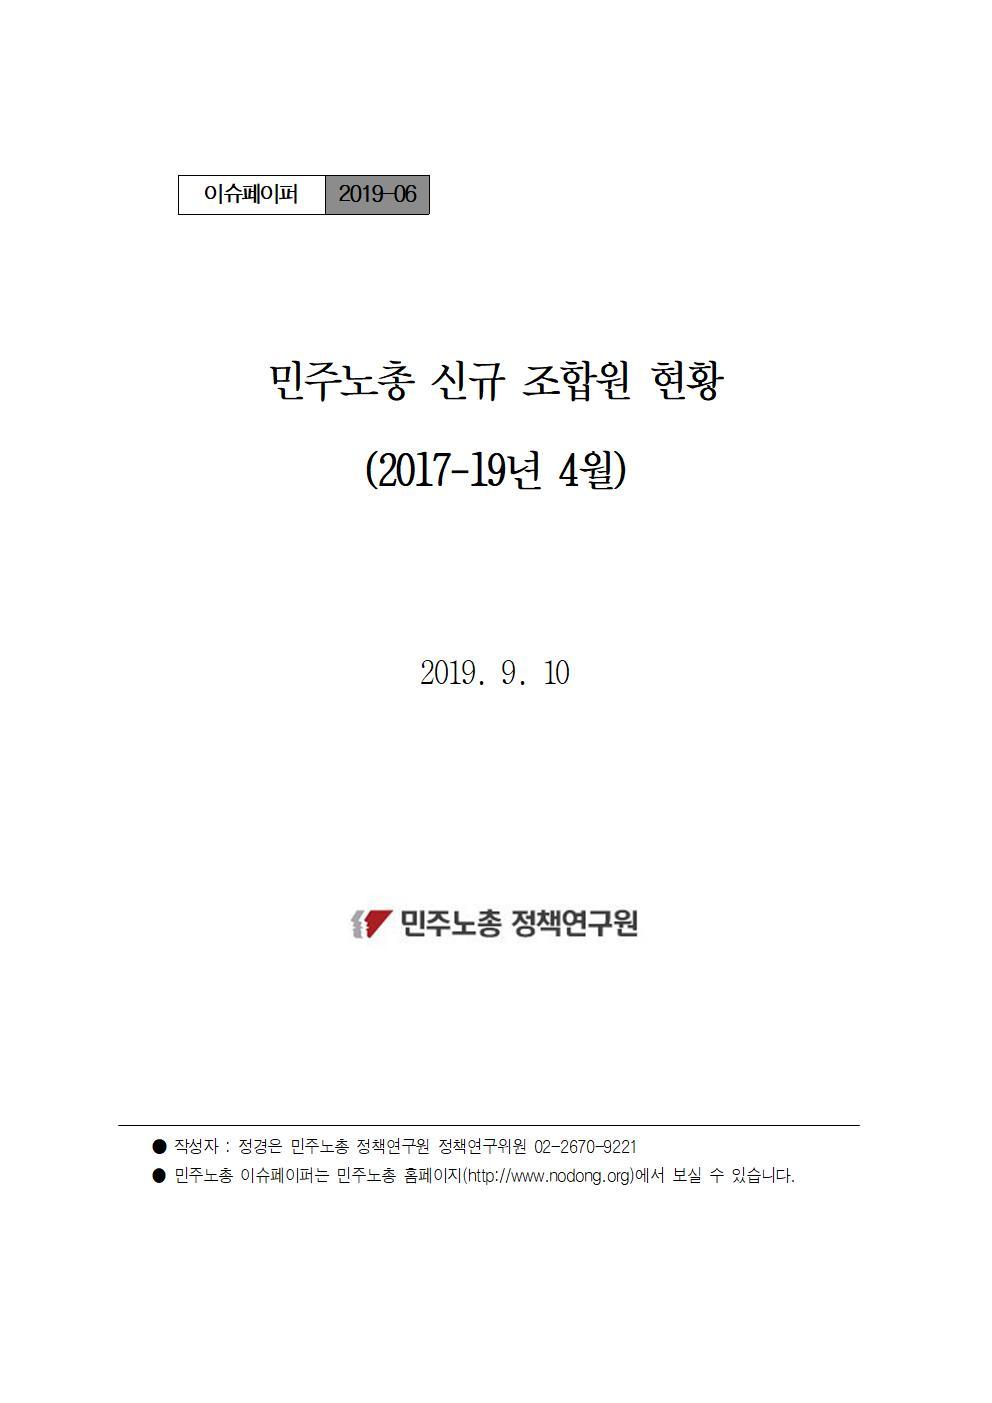 정책연구원이슈페이퍼_2019_06신규조직화_정경은(최종)_표지001.jpg